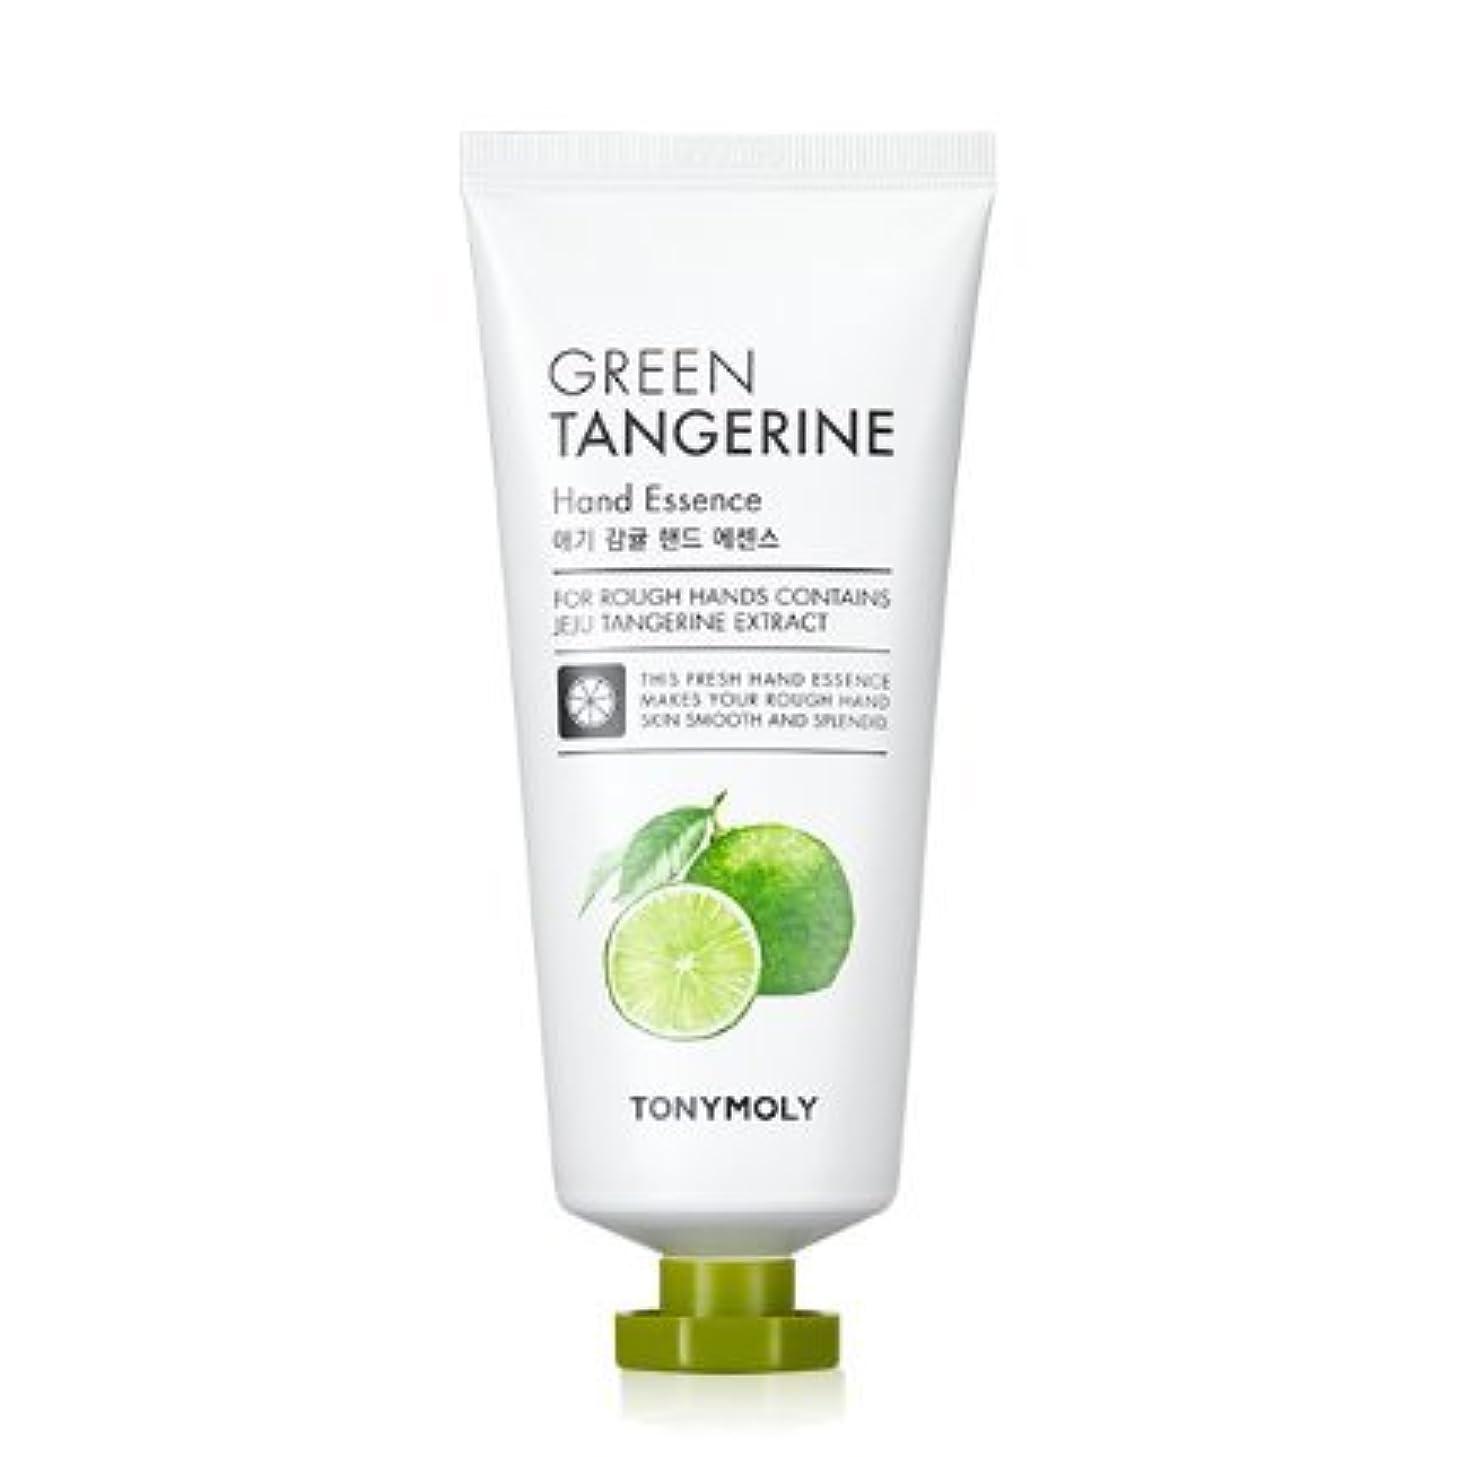 乱暴な殺人者無一文[Renewal] TONYMOLY Green Tangerine Hand Essence/トニーモリー 青みかん ハンド エッセンス 80g [並行輸入品]